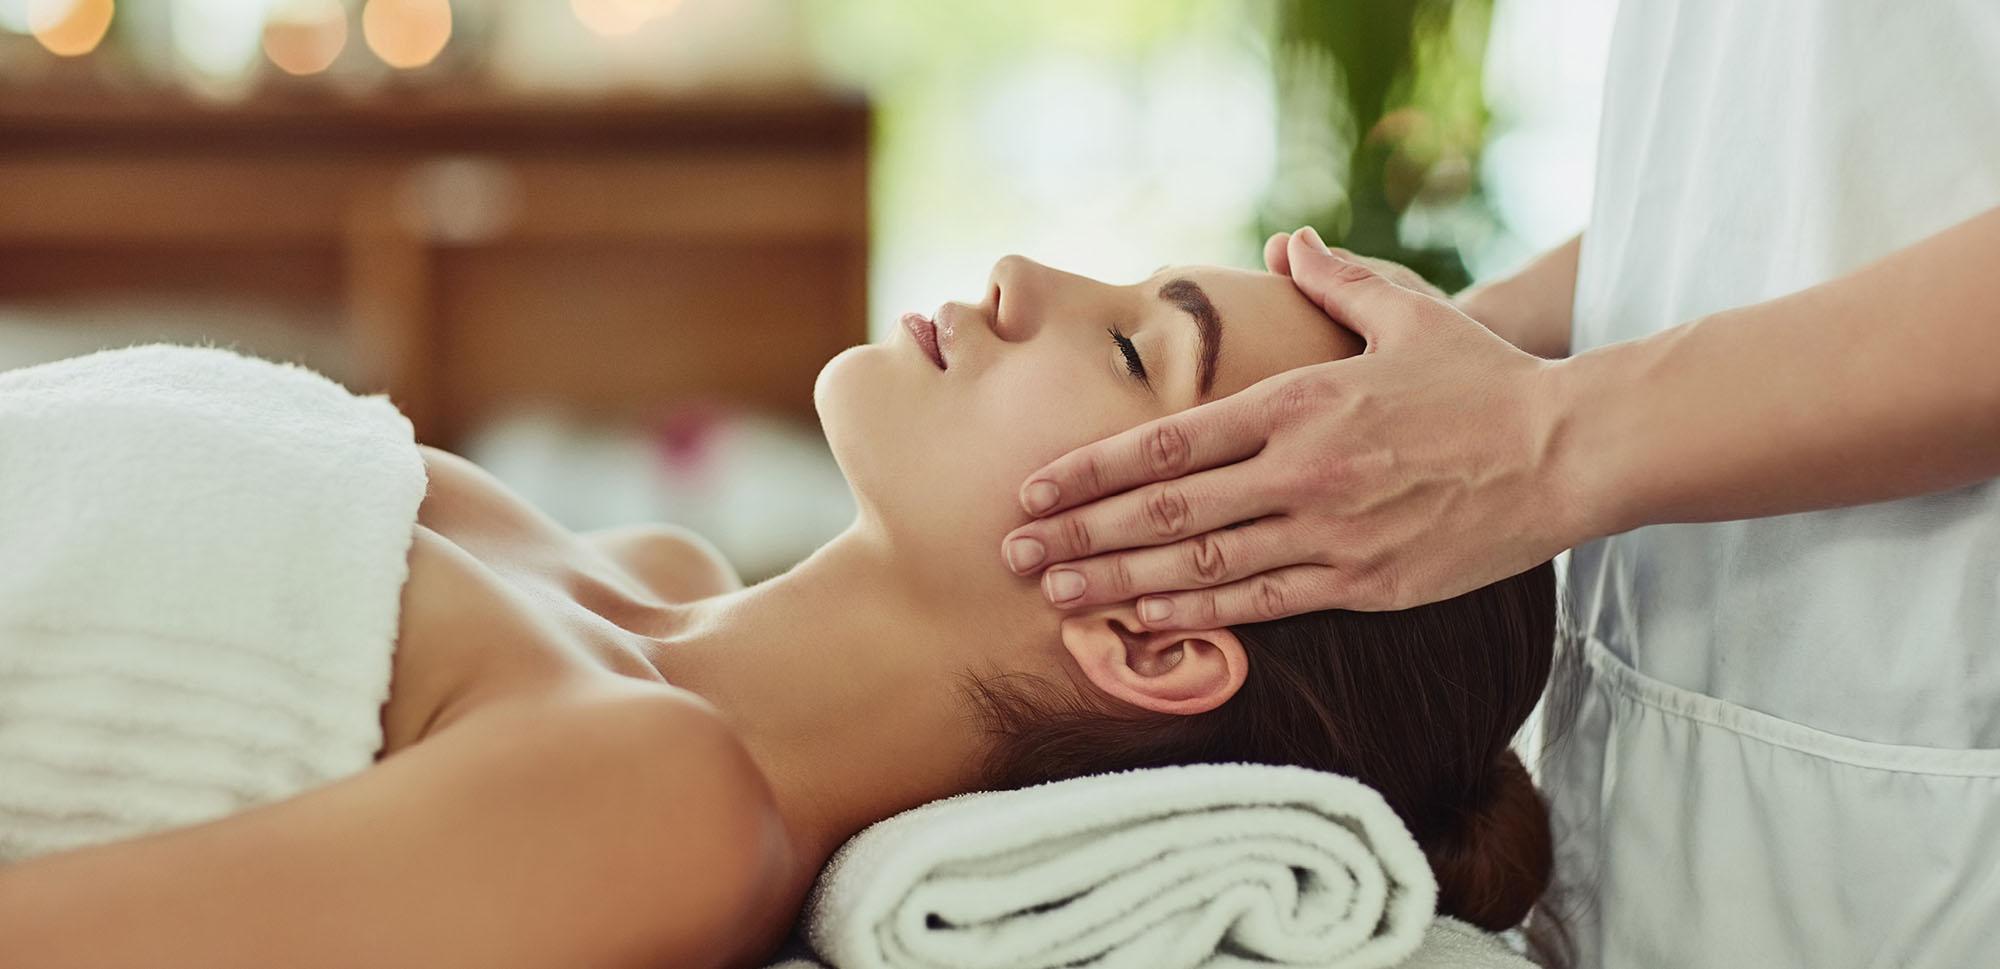 Eine Frau bekommt eine Kopfmassage